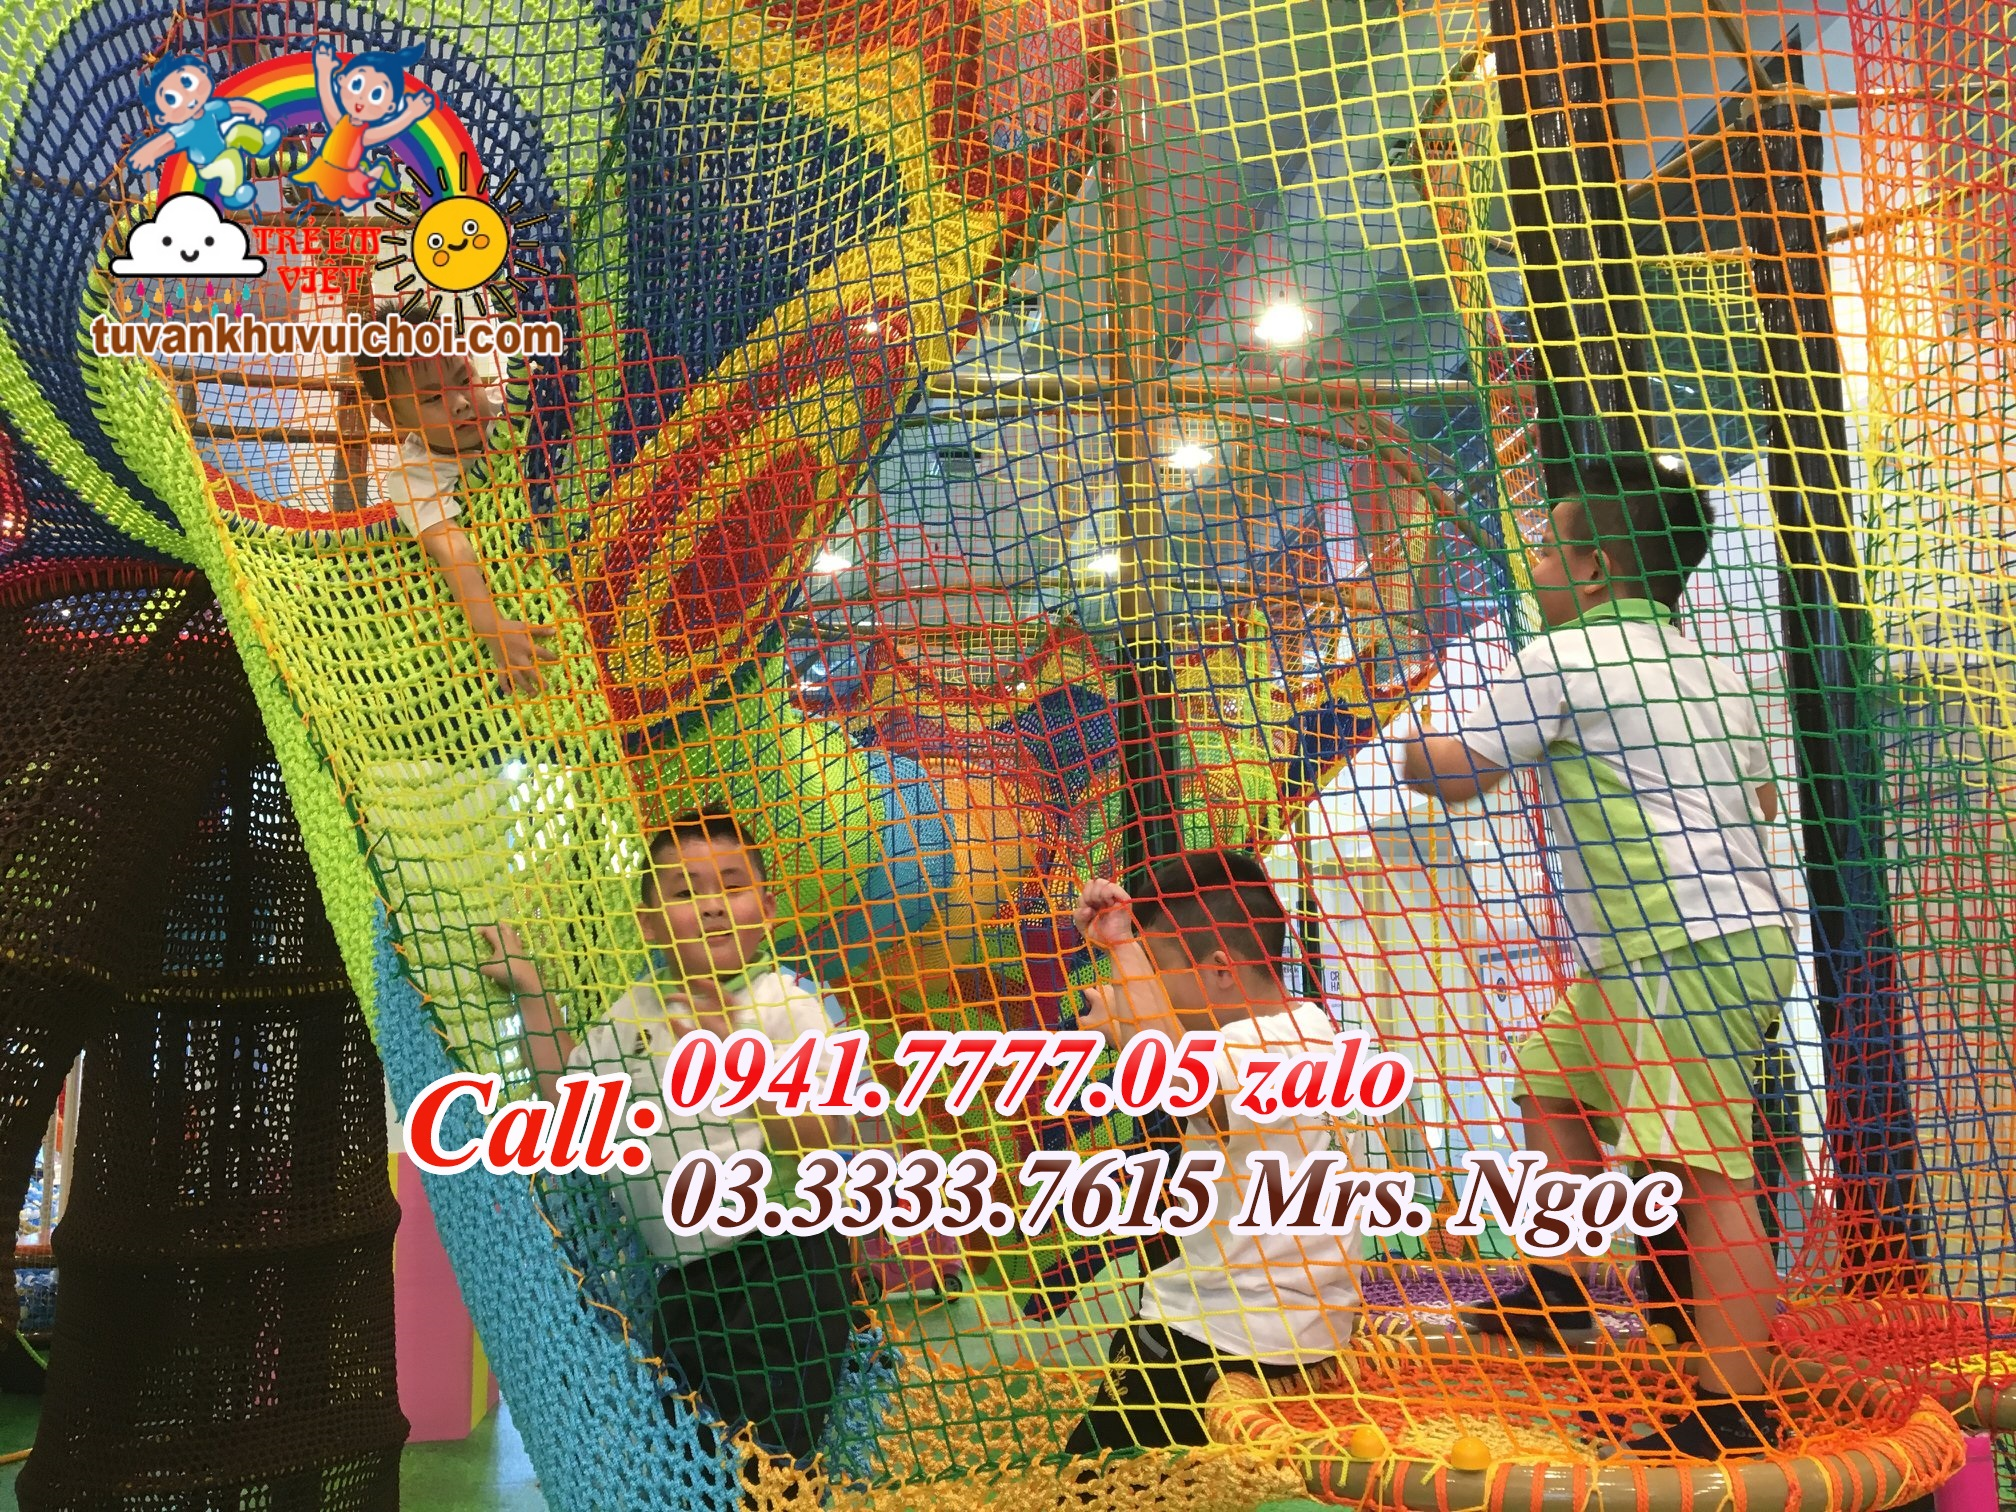 Bé đang vui chơi trên bộ liên hoàn leo trèo lưới.